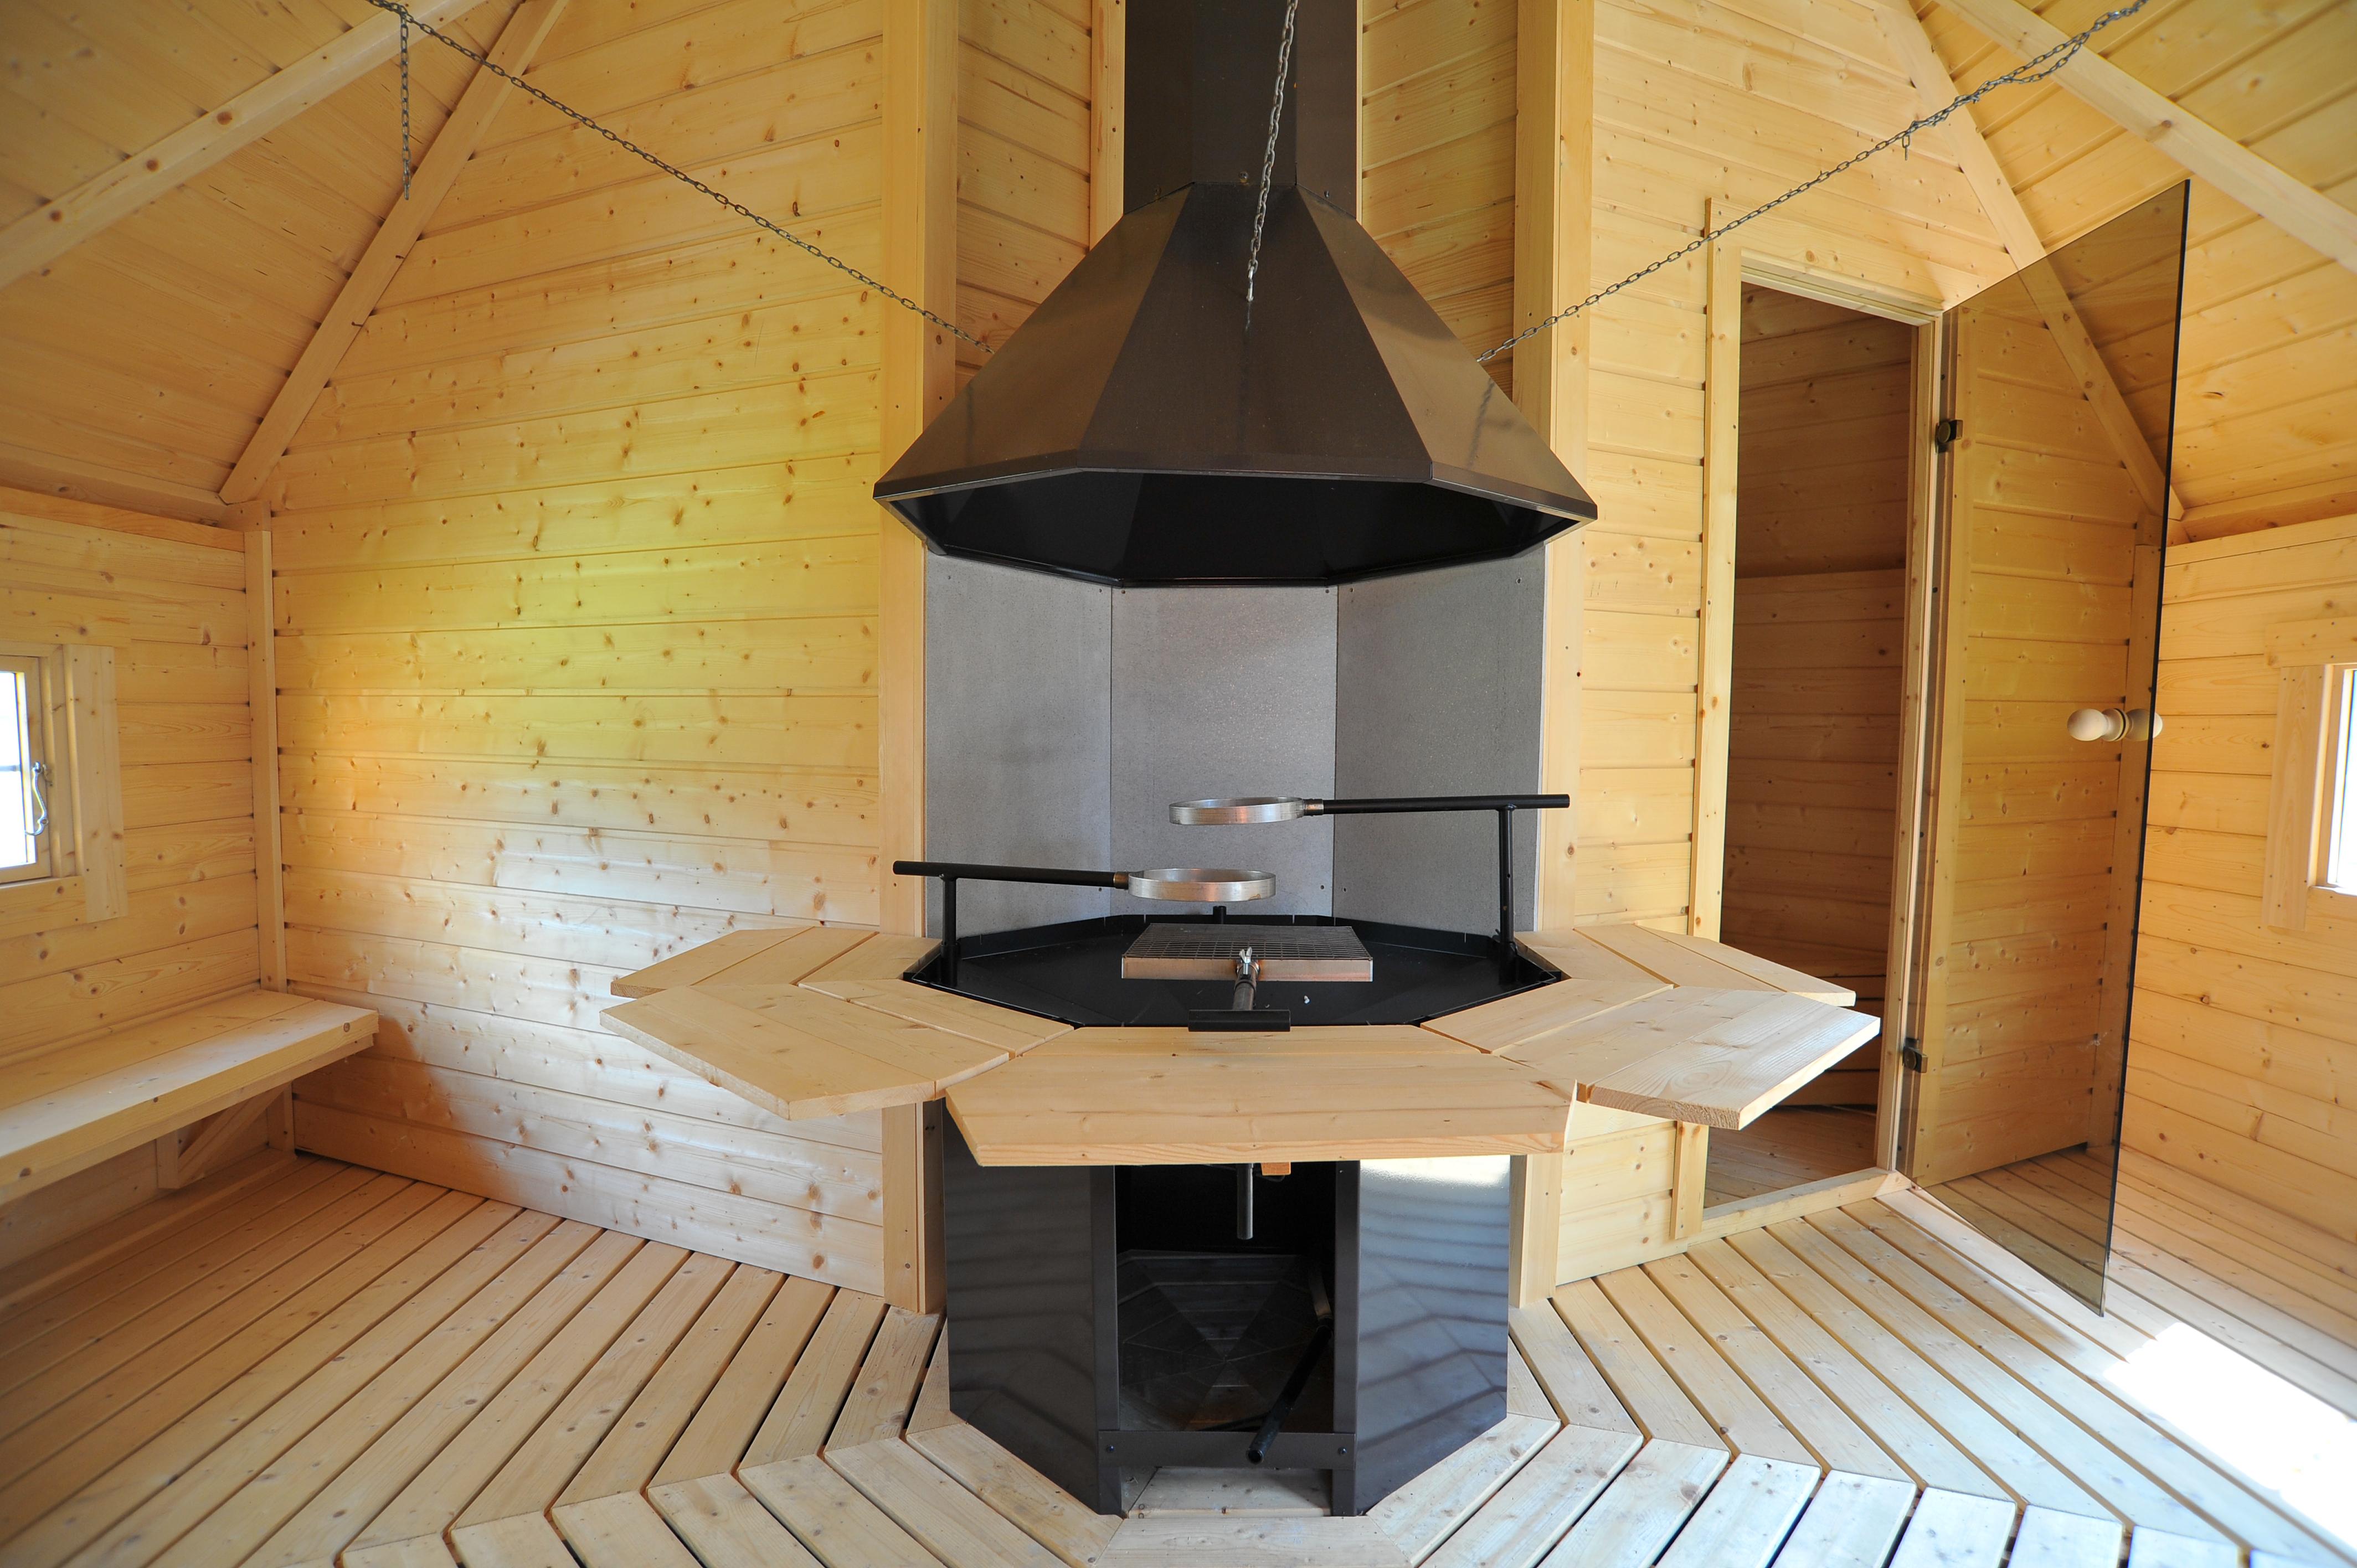 grill und saunakota in einem sie k nnen selbst bestimmen ob sie gerade grillen oder saunieren. Black Bedroom Furniture Sets. Home Design Ideas